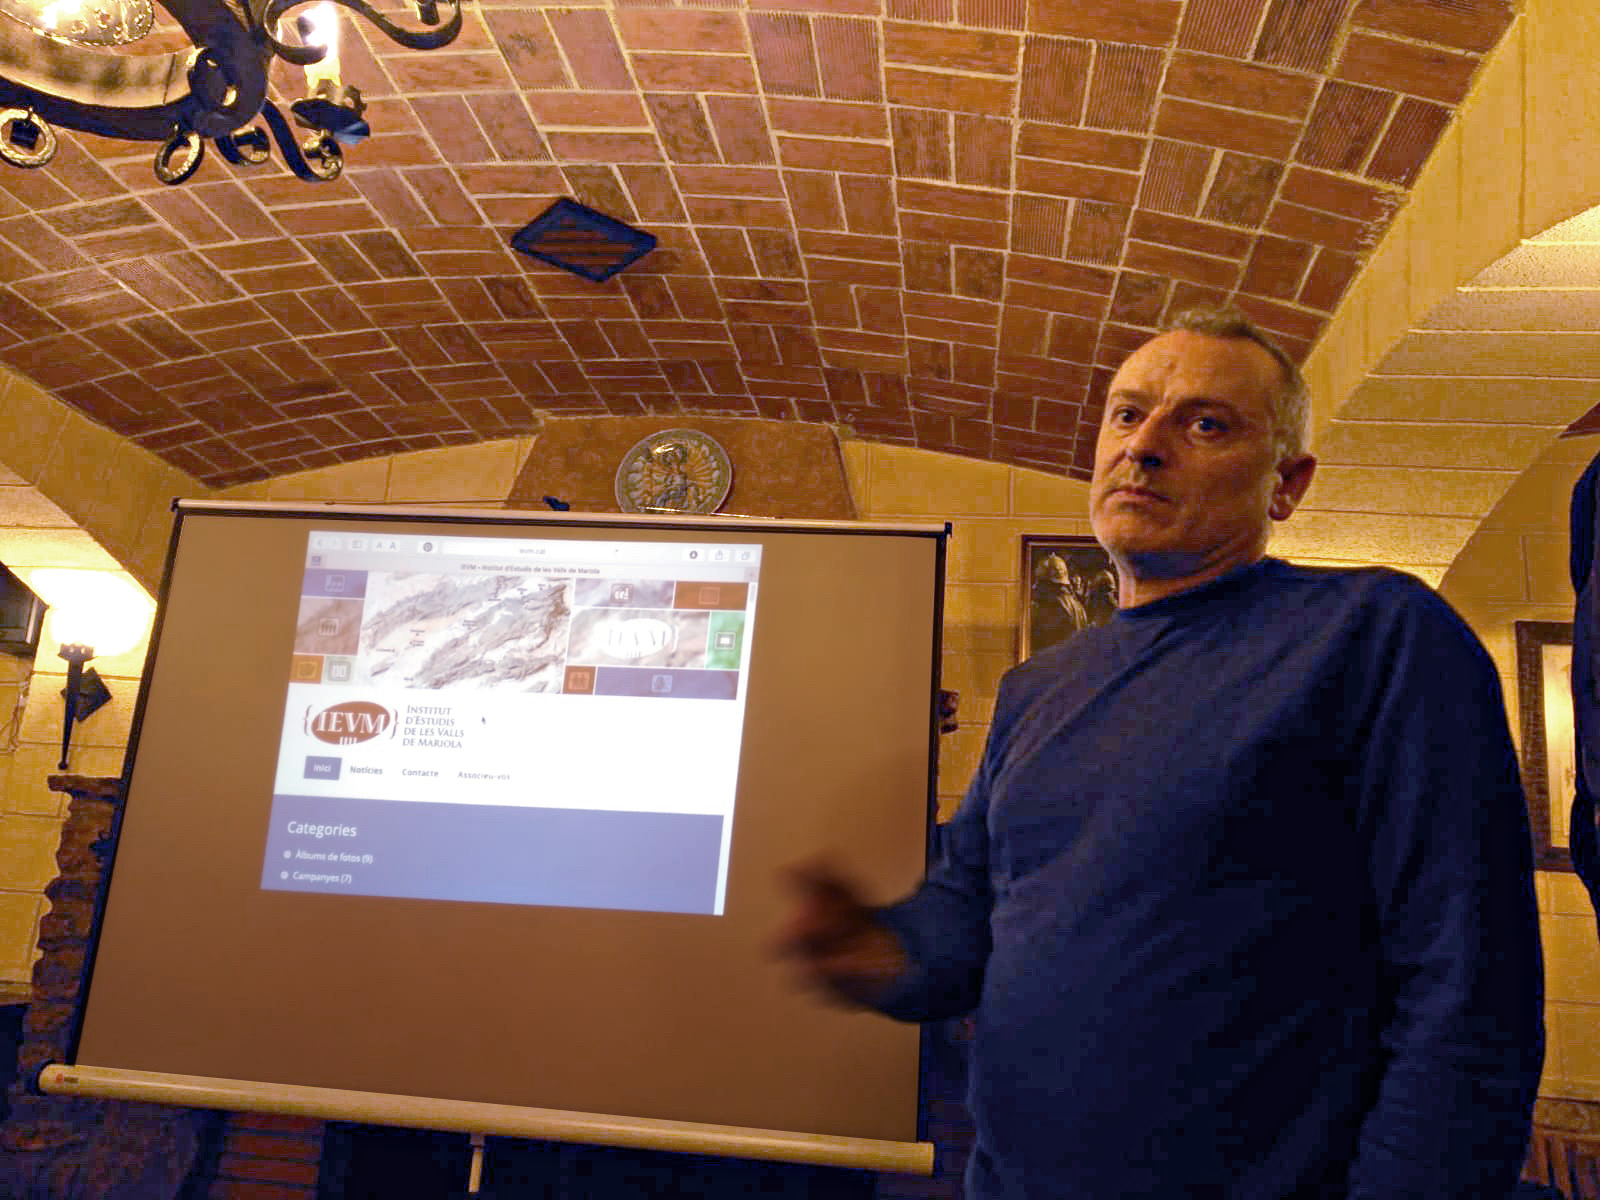 Sopar sobre els 600 anys de la Generalitat Valenciana. Maset dels Cristians, Beneixama, 29 de desembre del 2018.